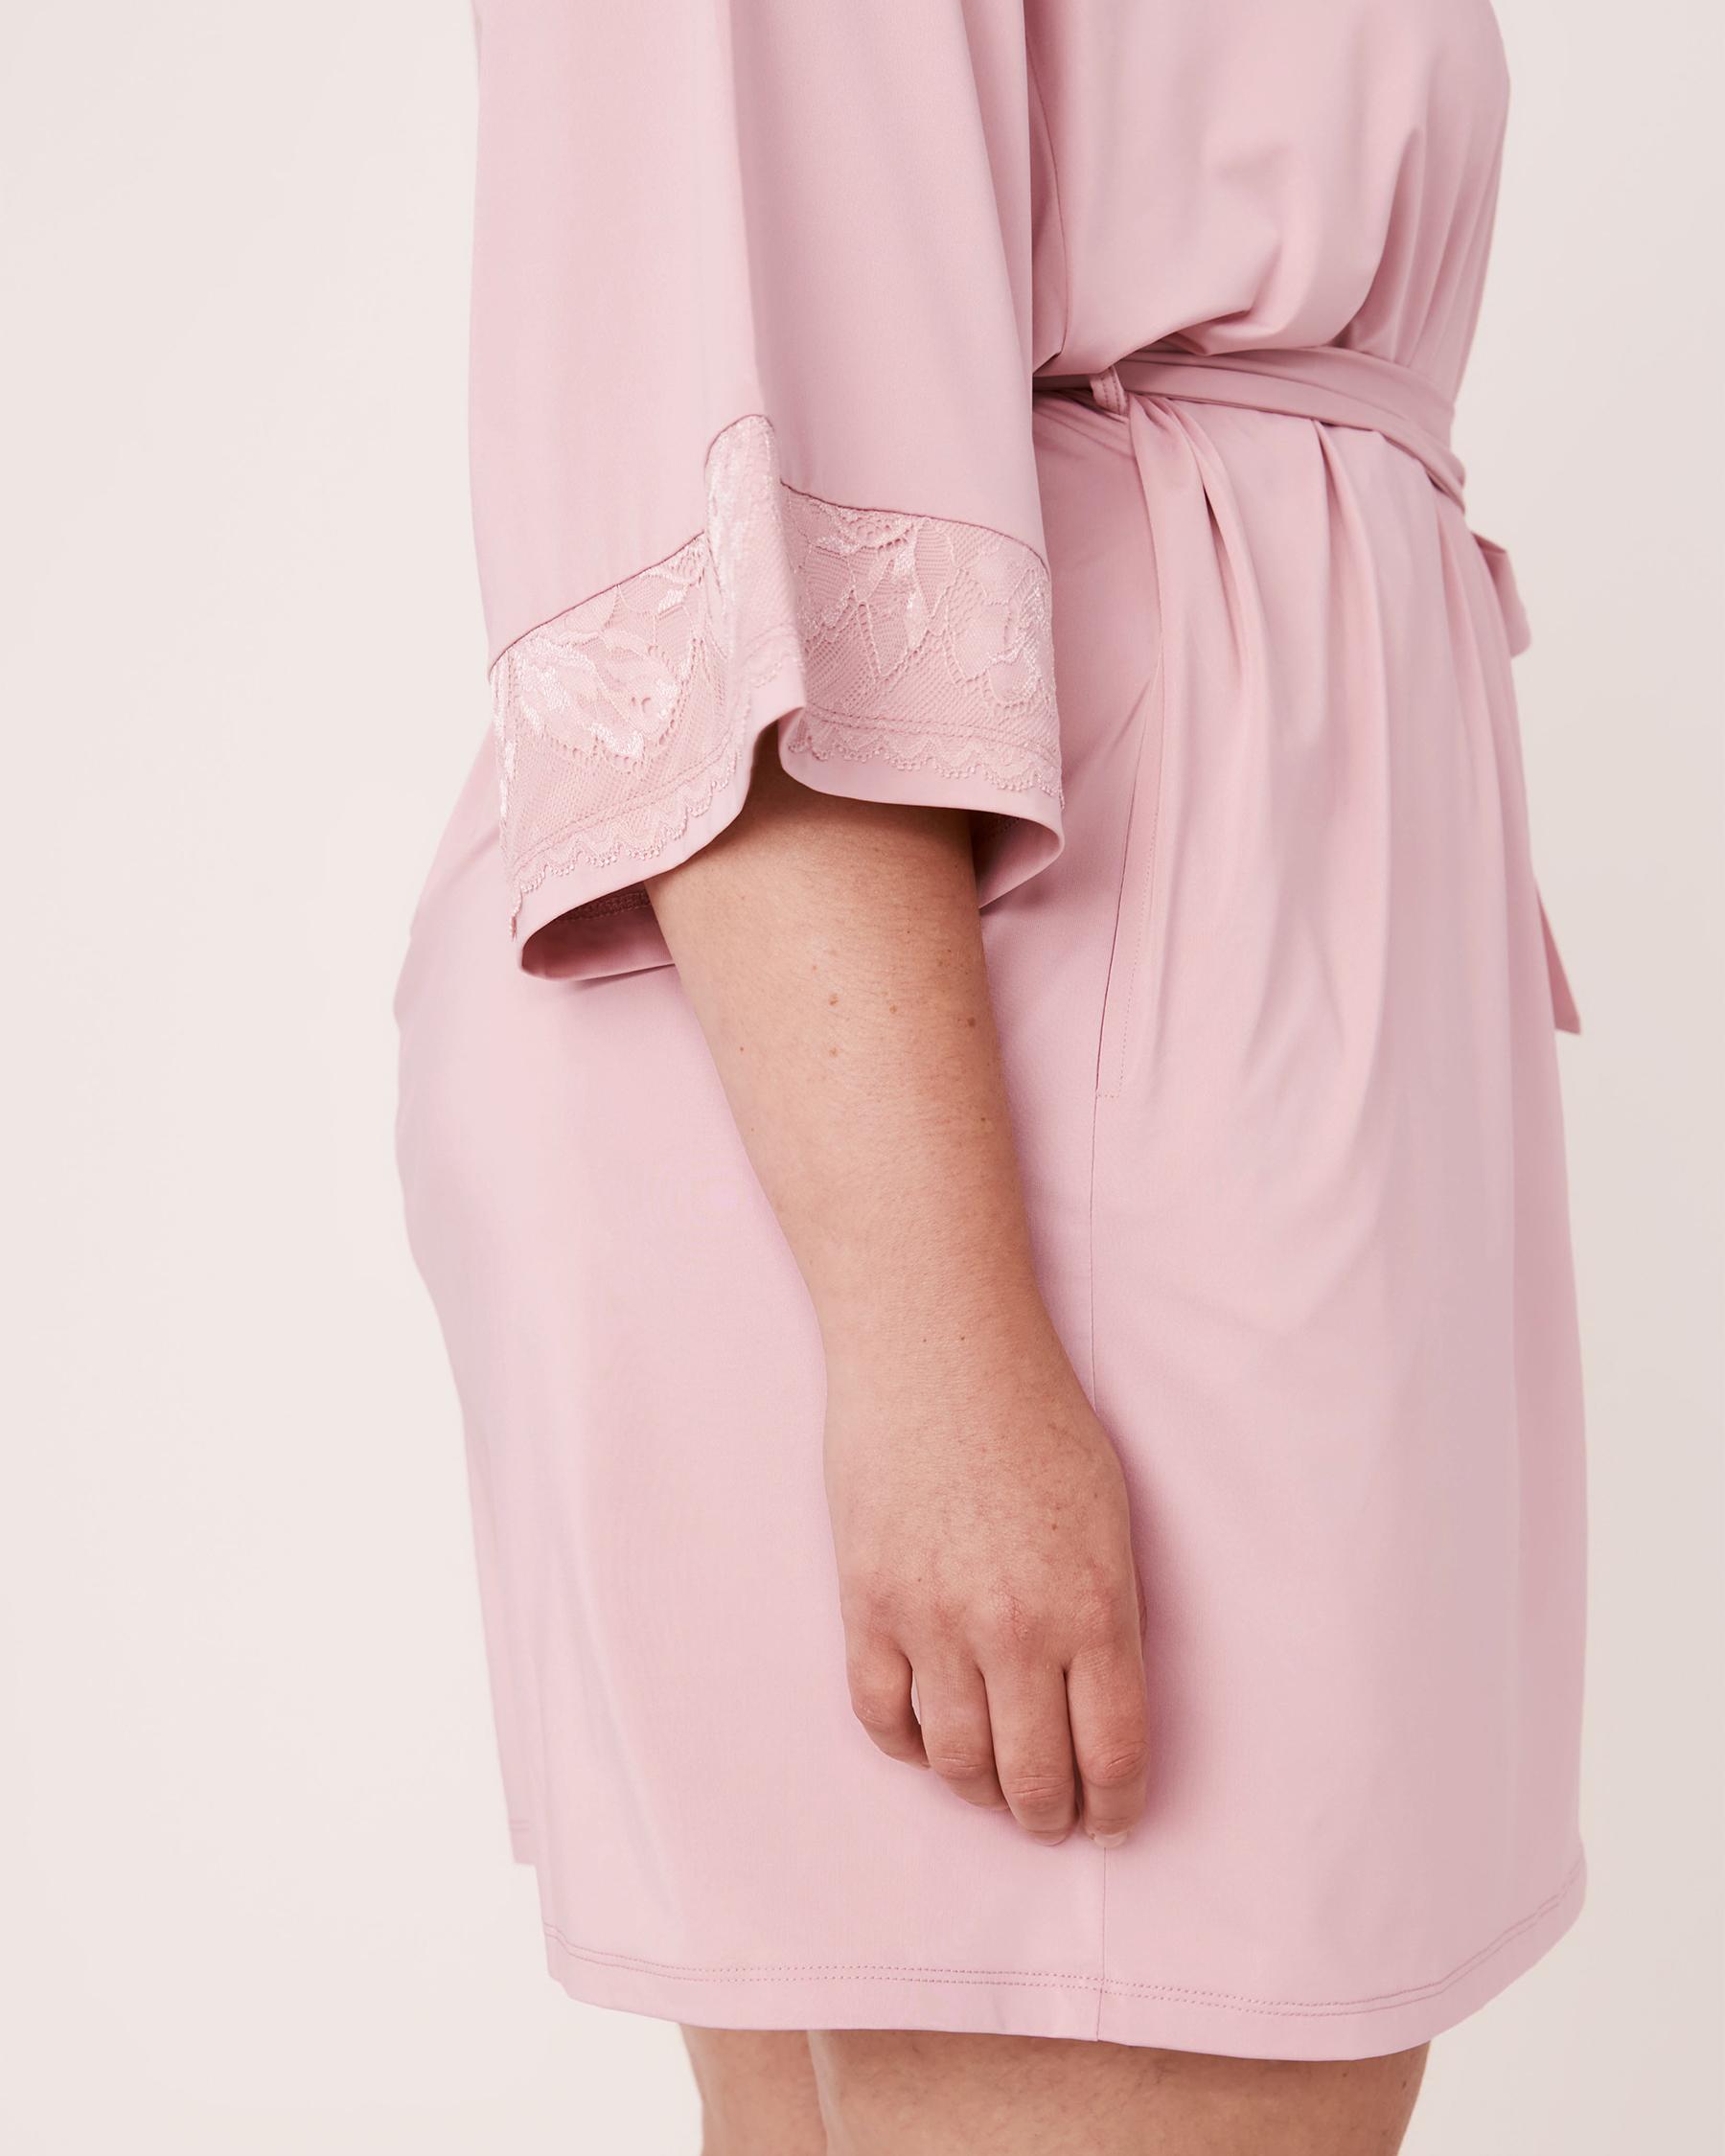 LA VIE EN ROSE Recycled Fibers Lace Trim Kimono Lilac 60600008 - View7